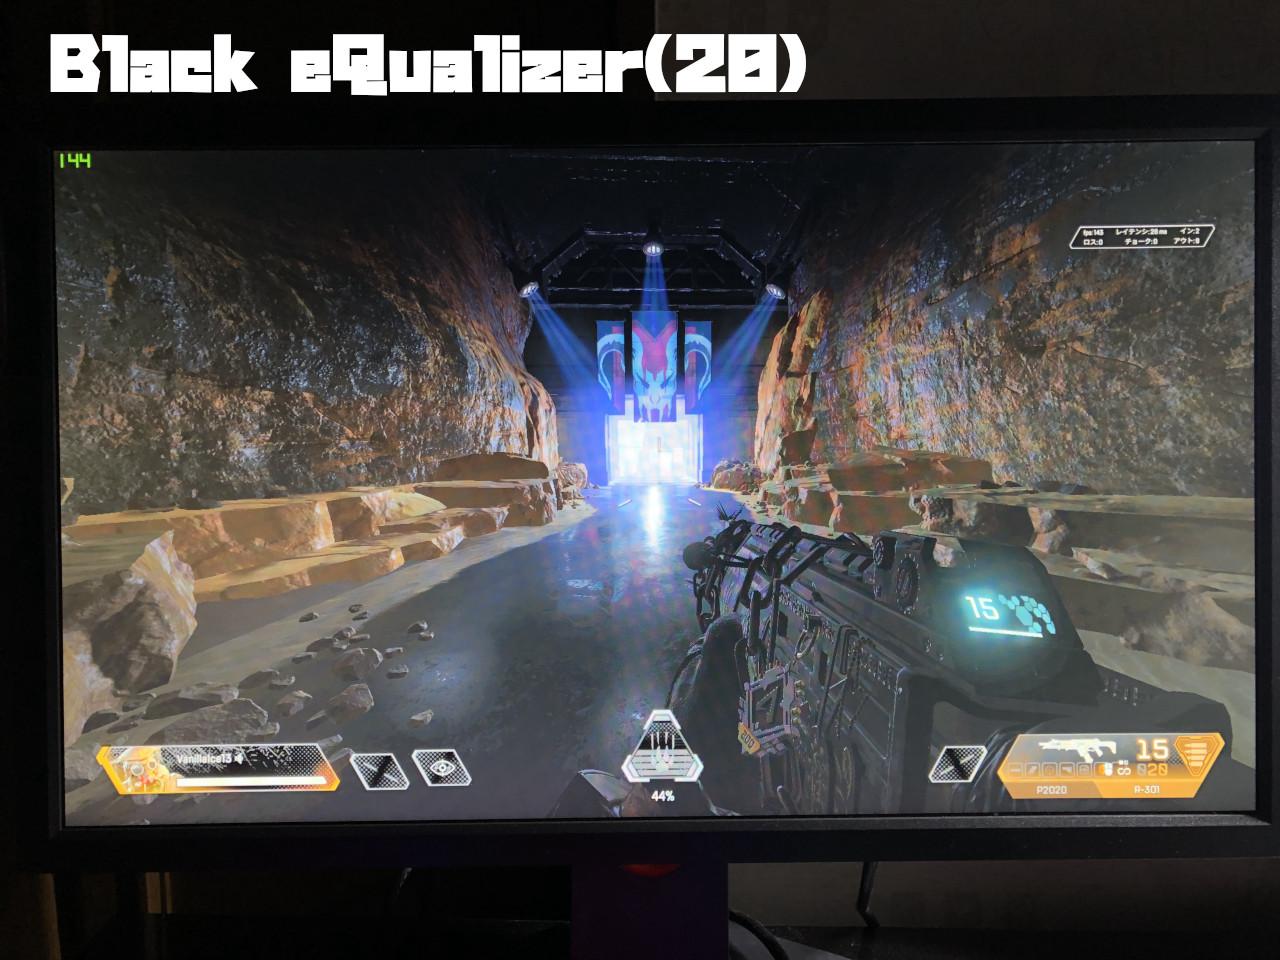 Black eQualizer(20)